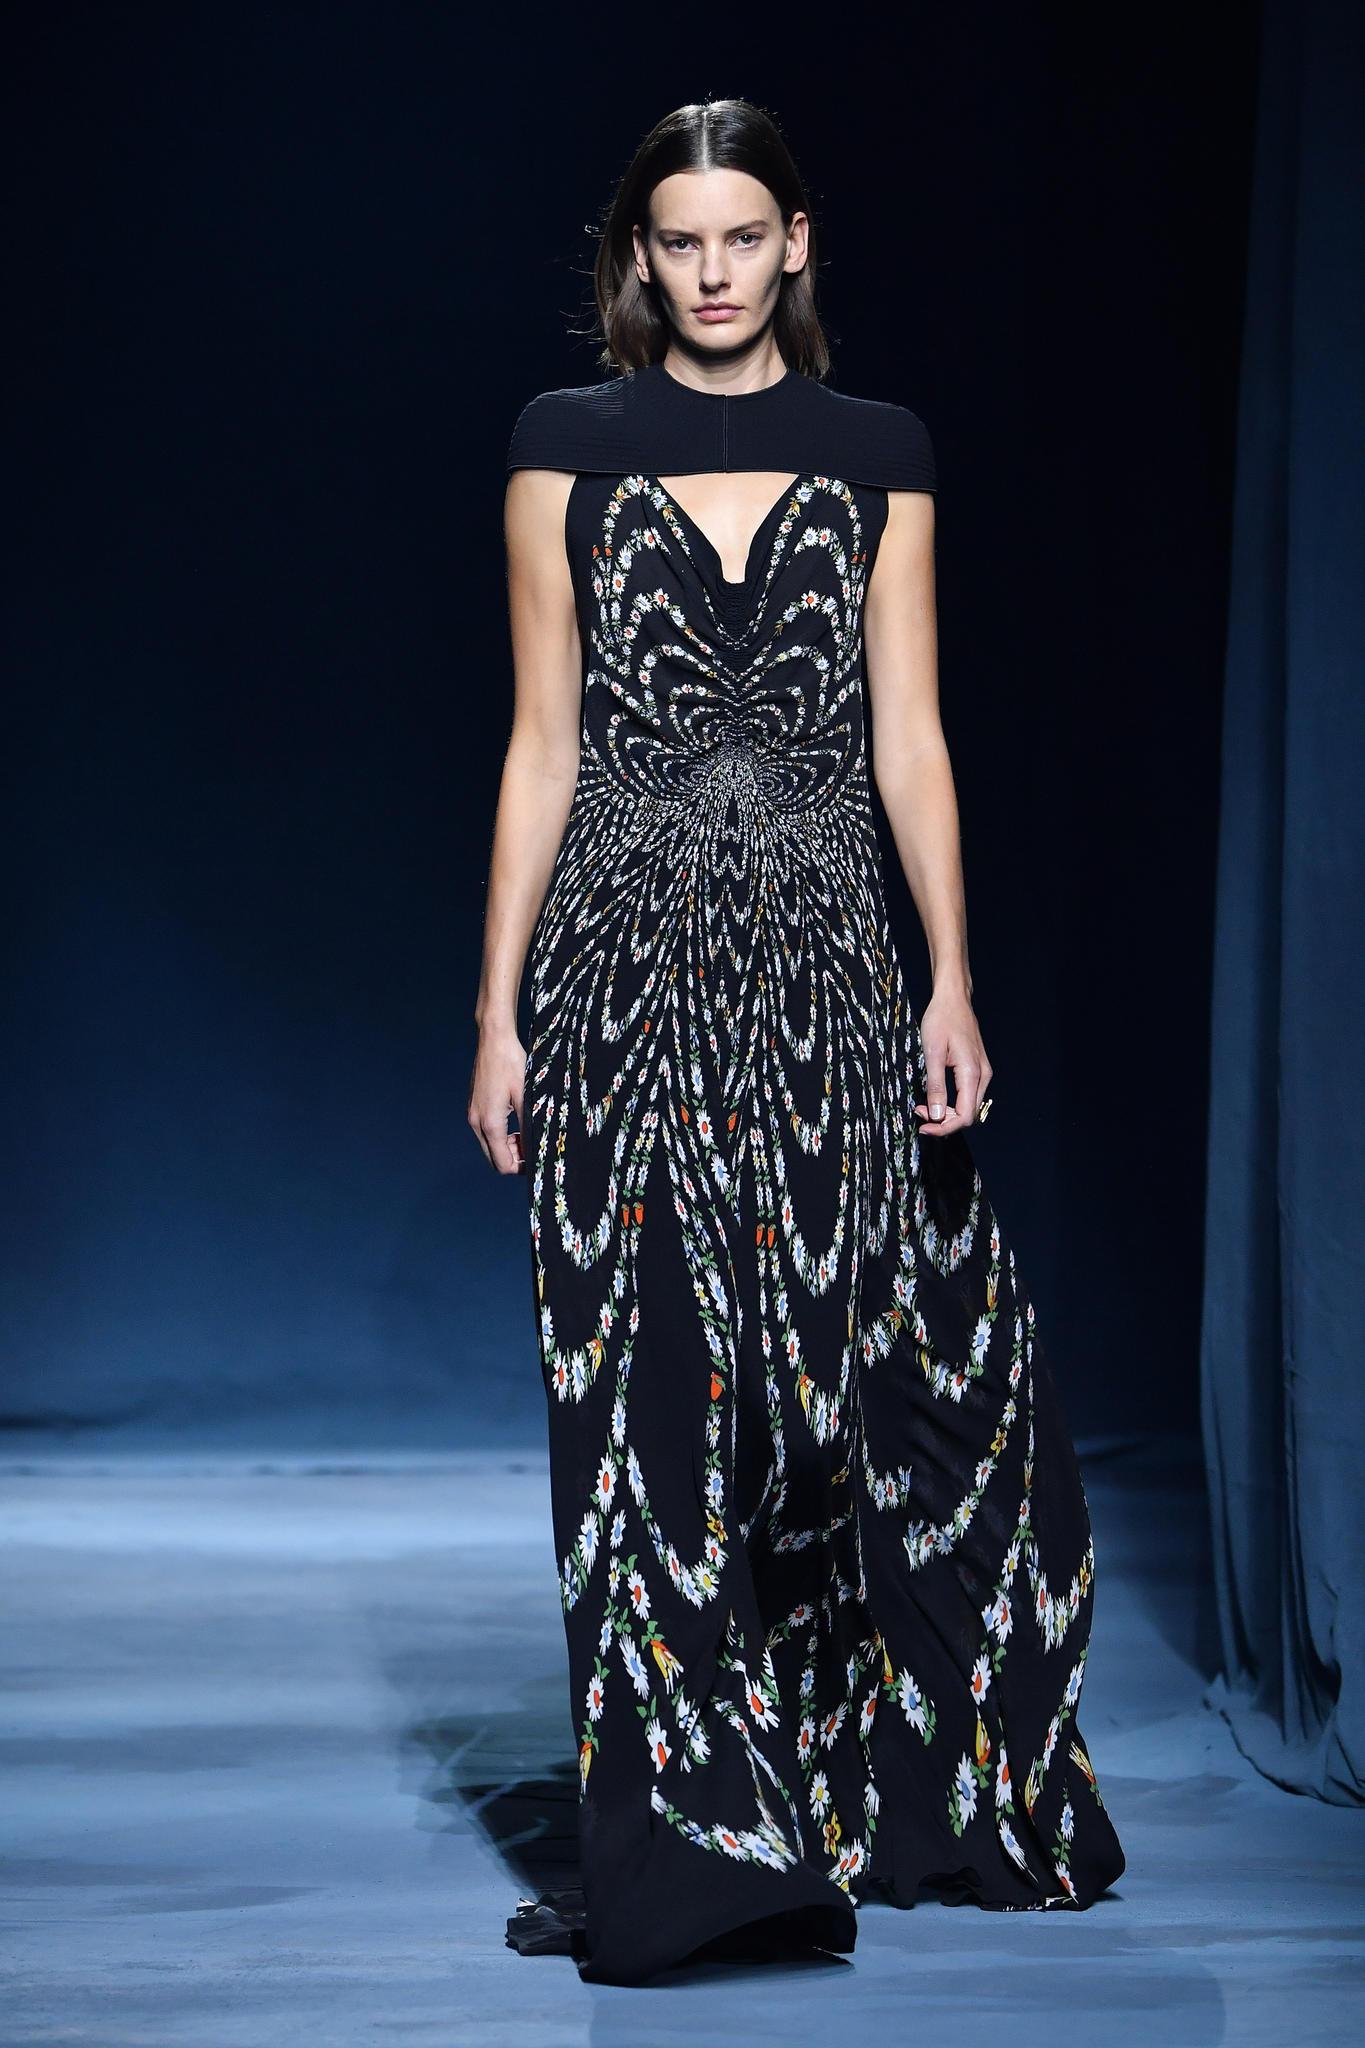 Für ein abendliches oder schickeres Event setzt die Frau von Prinz Harry gerne auf dunkle Farben mit weiblichen Details. Dieses bodenlange Dress wäre auf jeden Fall eine Option.